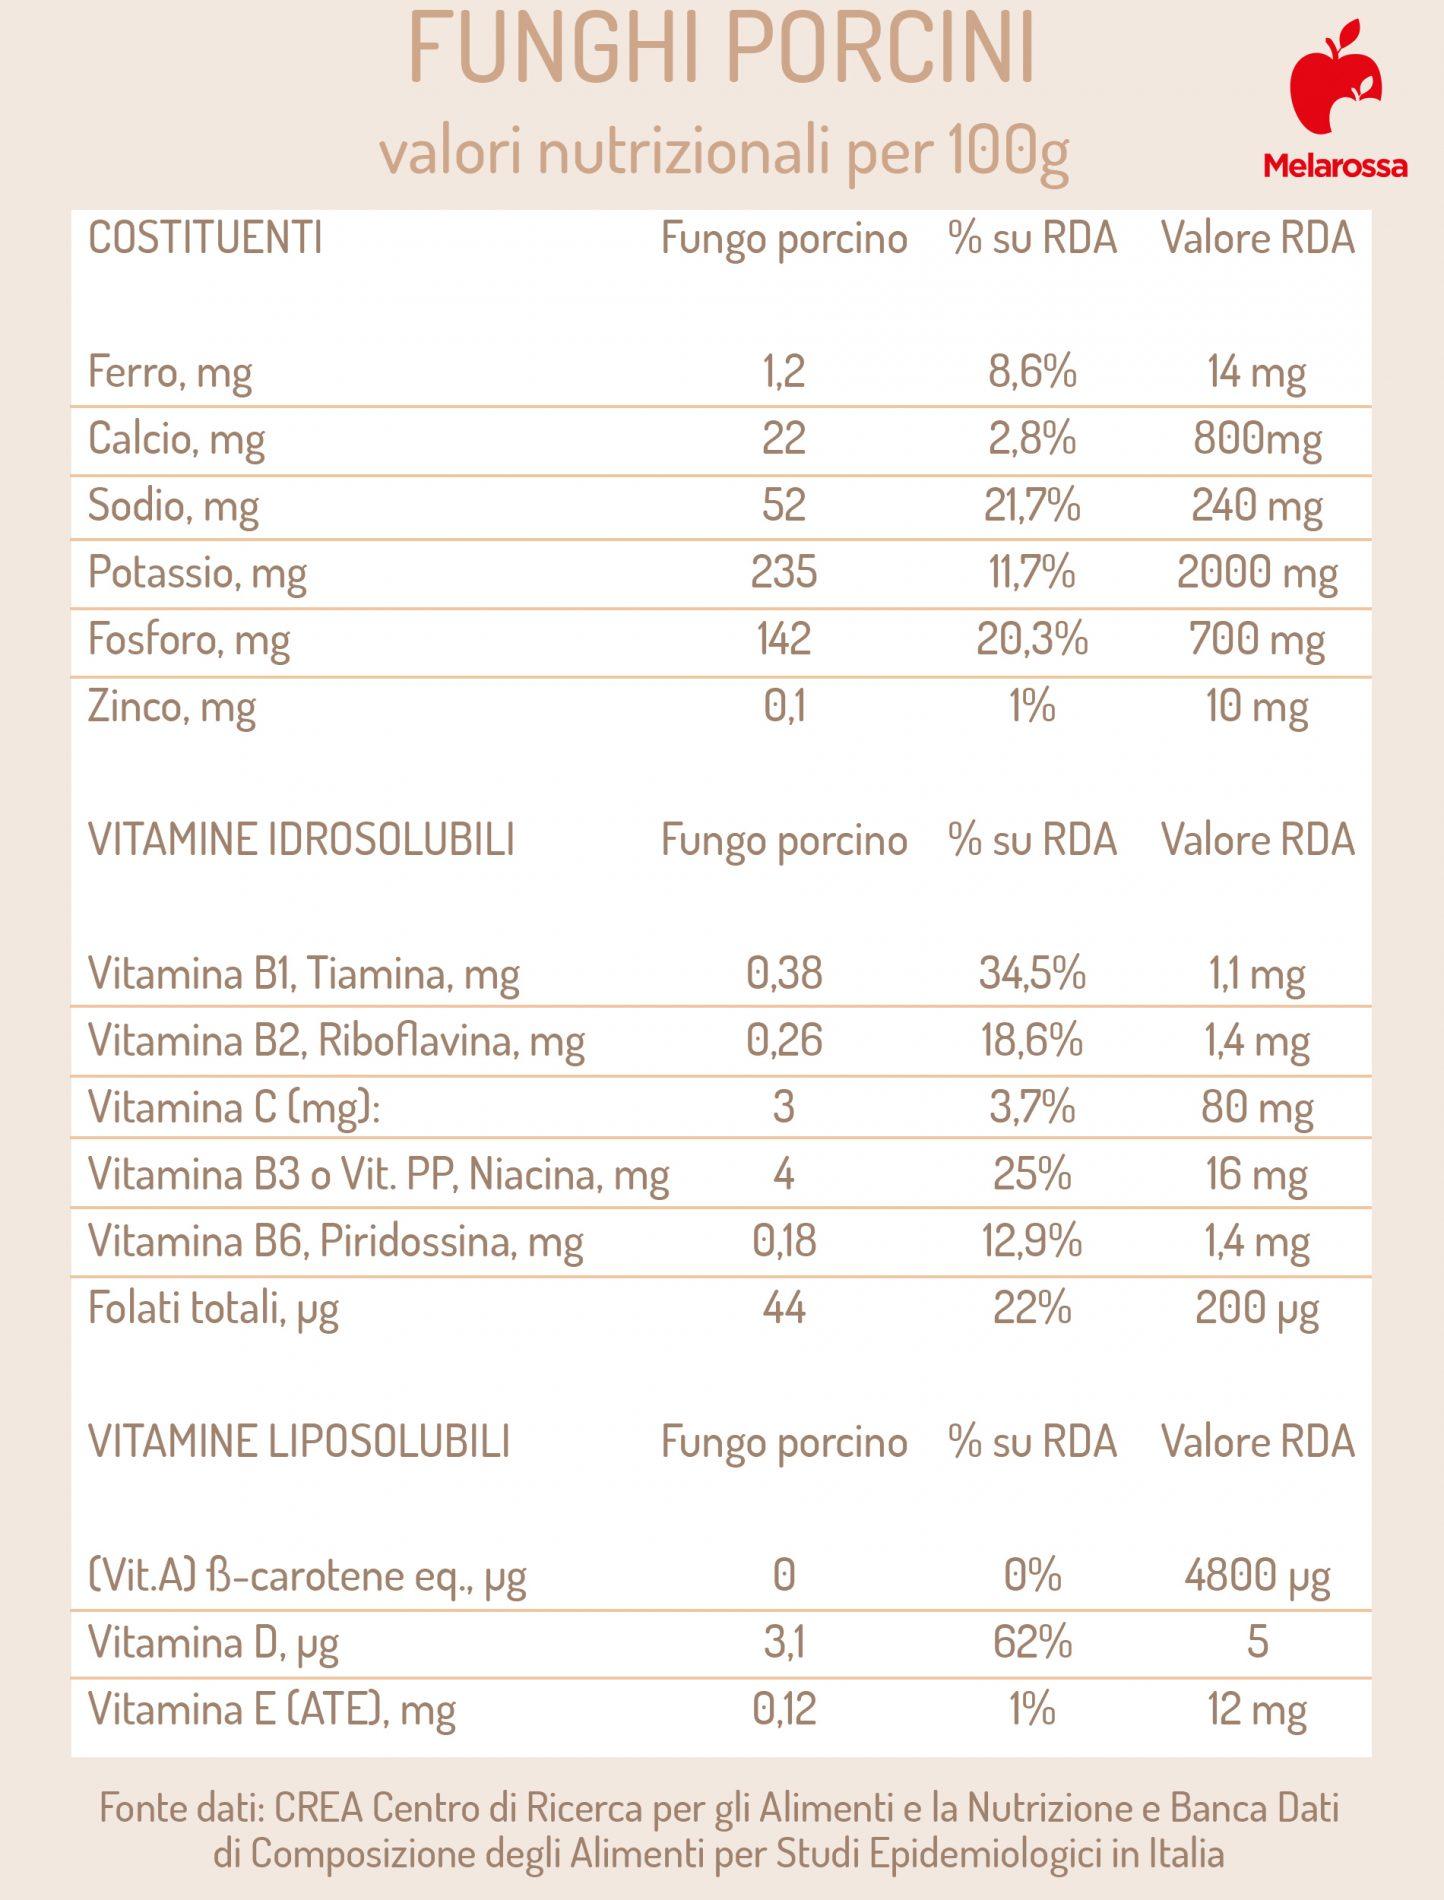 funghi porcini: valori nutrizionali